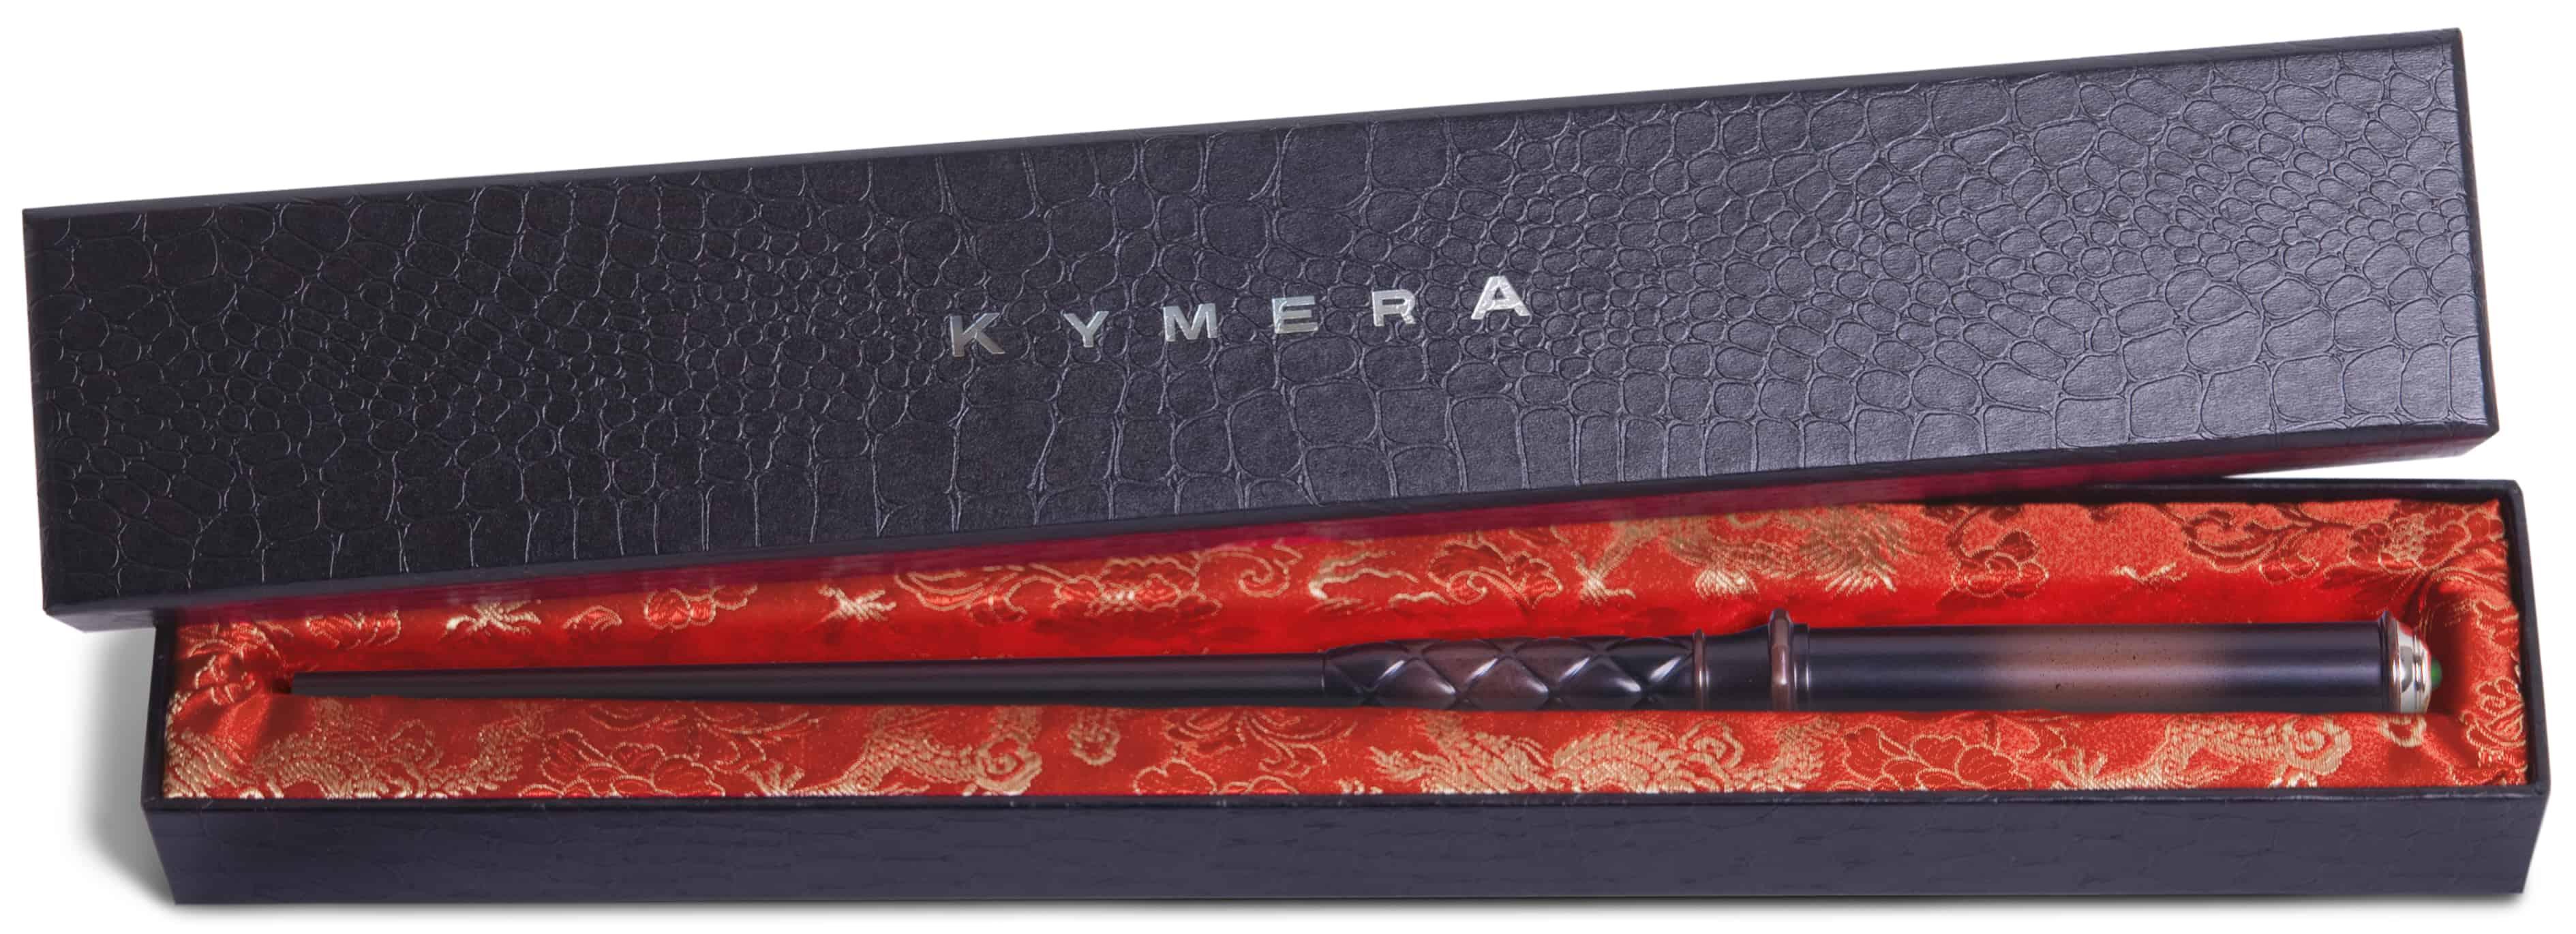 Kymera Magic Wand Remote Control Chinese Box